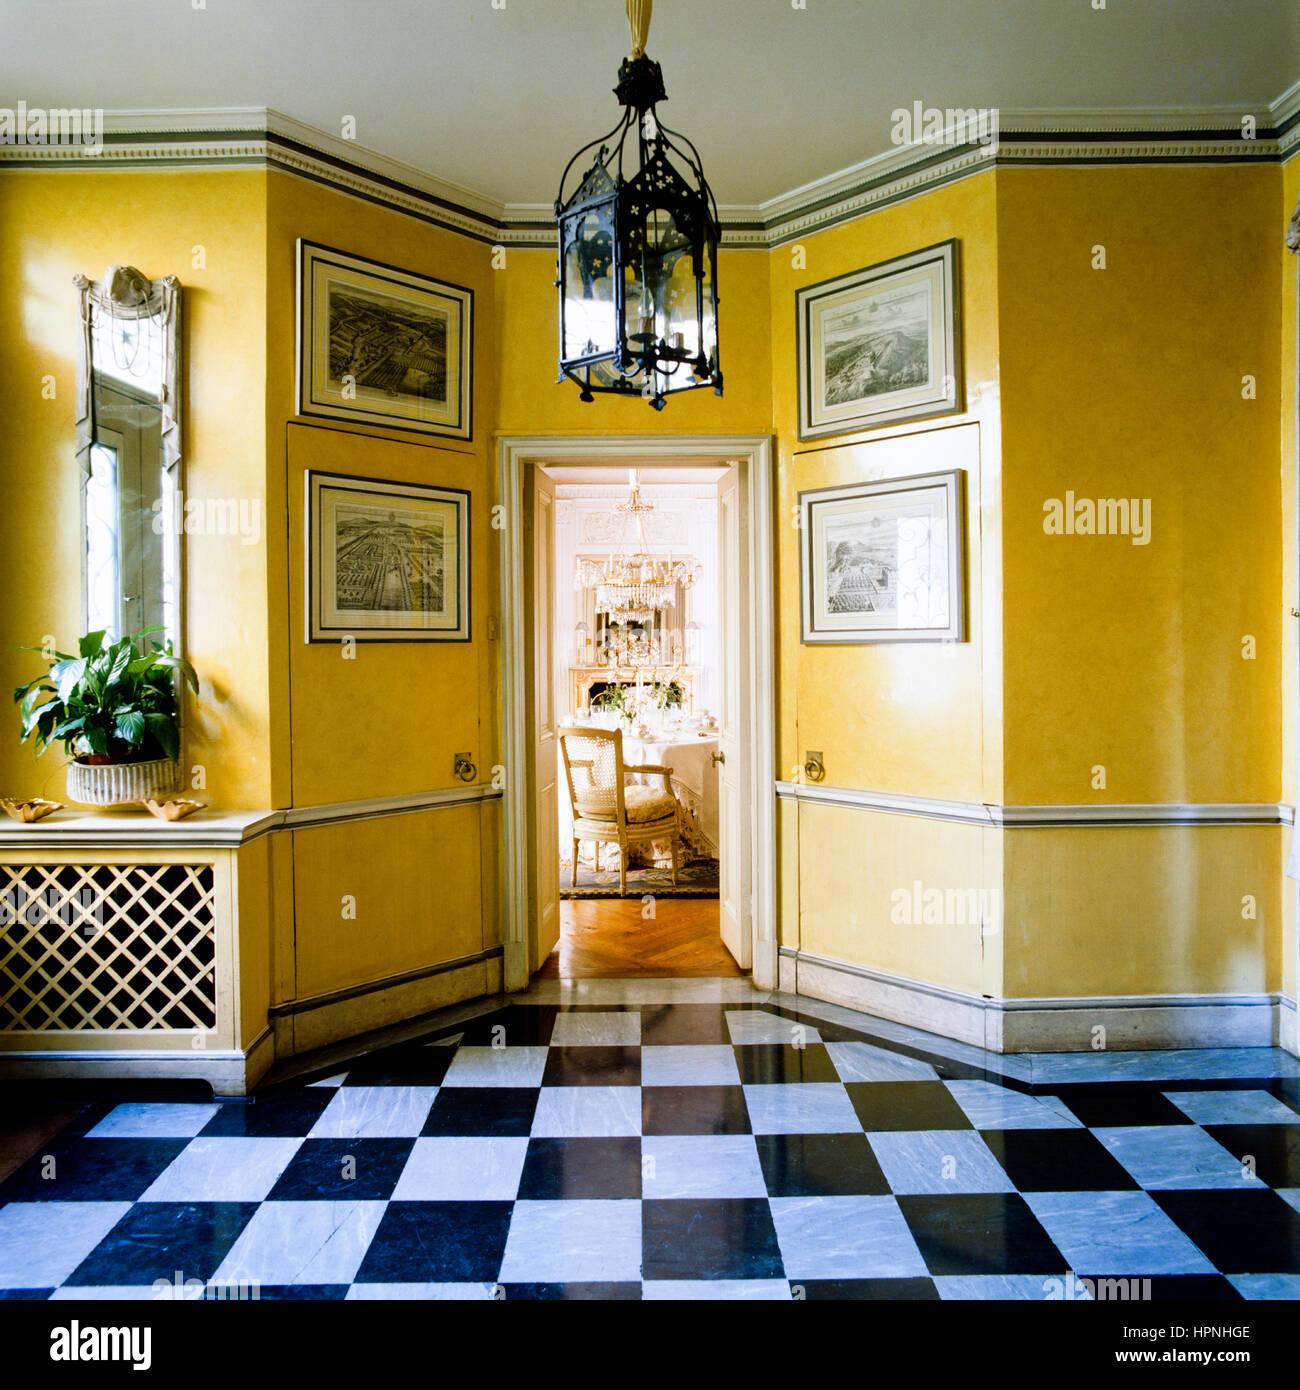 Ein Flur mit gelben Wänden und karierten Bodenbelag. Stockbild